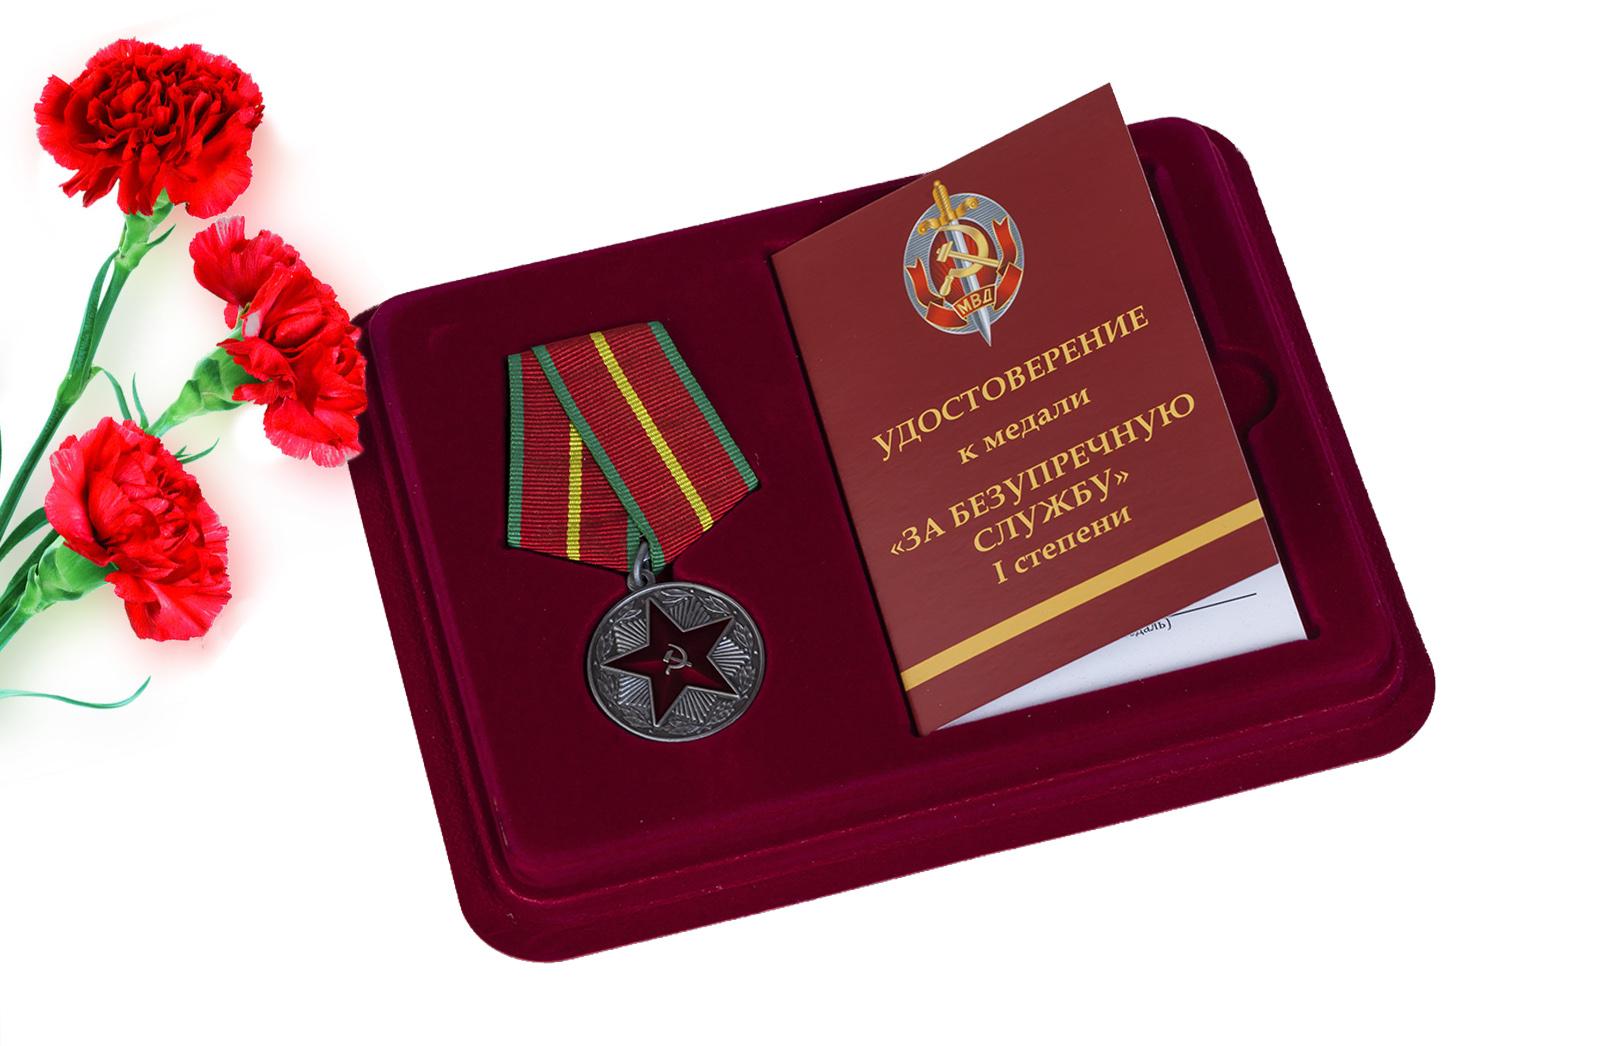 Купить медаль МВД СССР За безупречную службу 1 степени онлайн выгодно